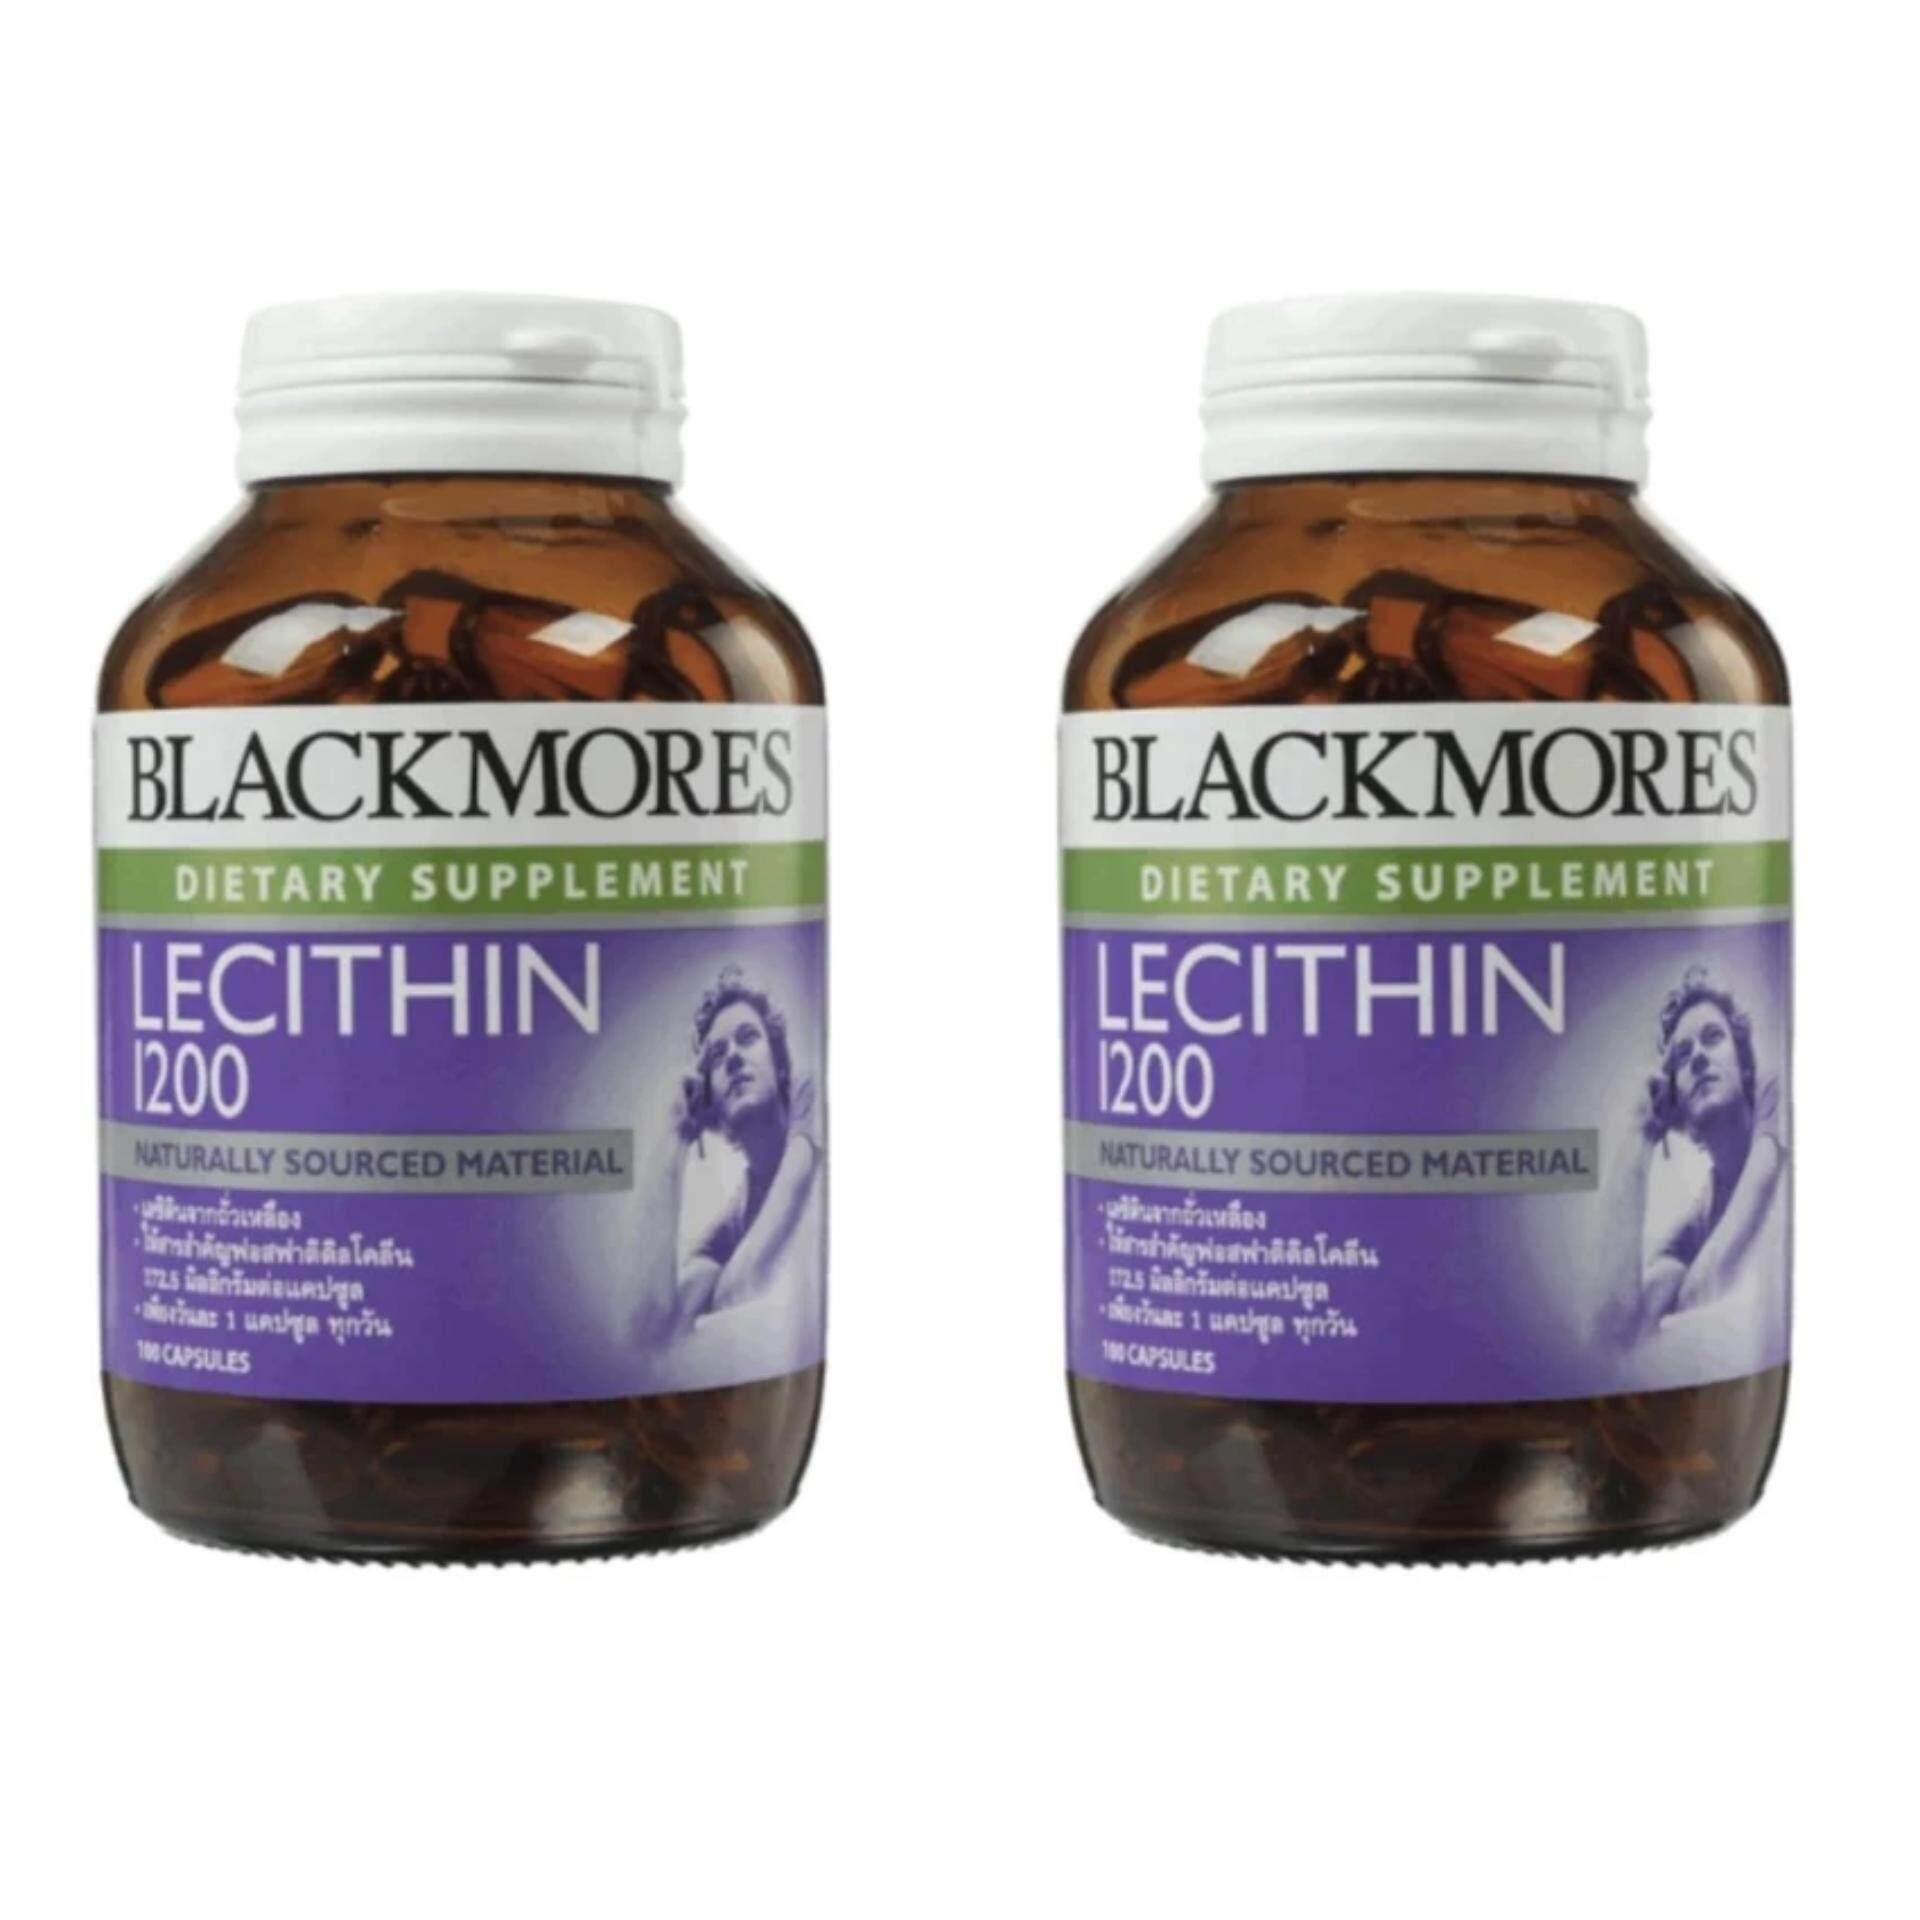 ยี่ห้อไหนดี  นครสวรรค์ Blackmores ผลิตภัณฑ์เสริมอาหารบำรุงสมองและระบบประสาท Lecithin 1200 mg. (100เม็ด) 2 ขวด